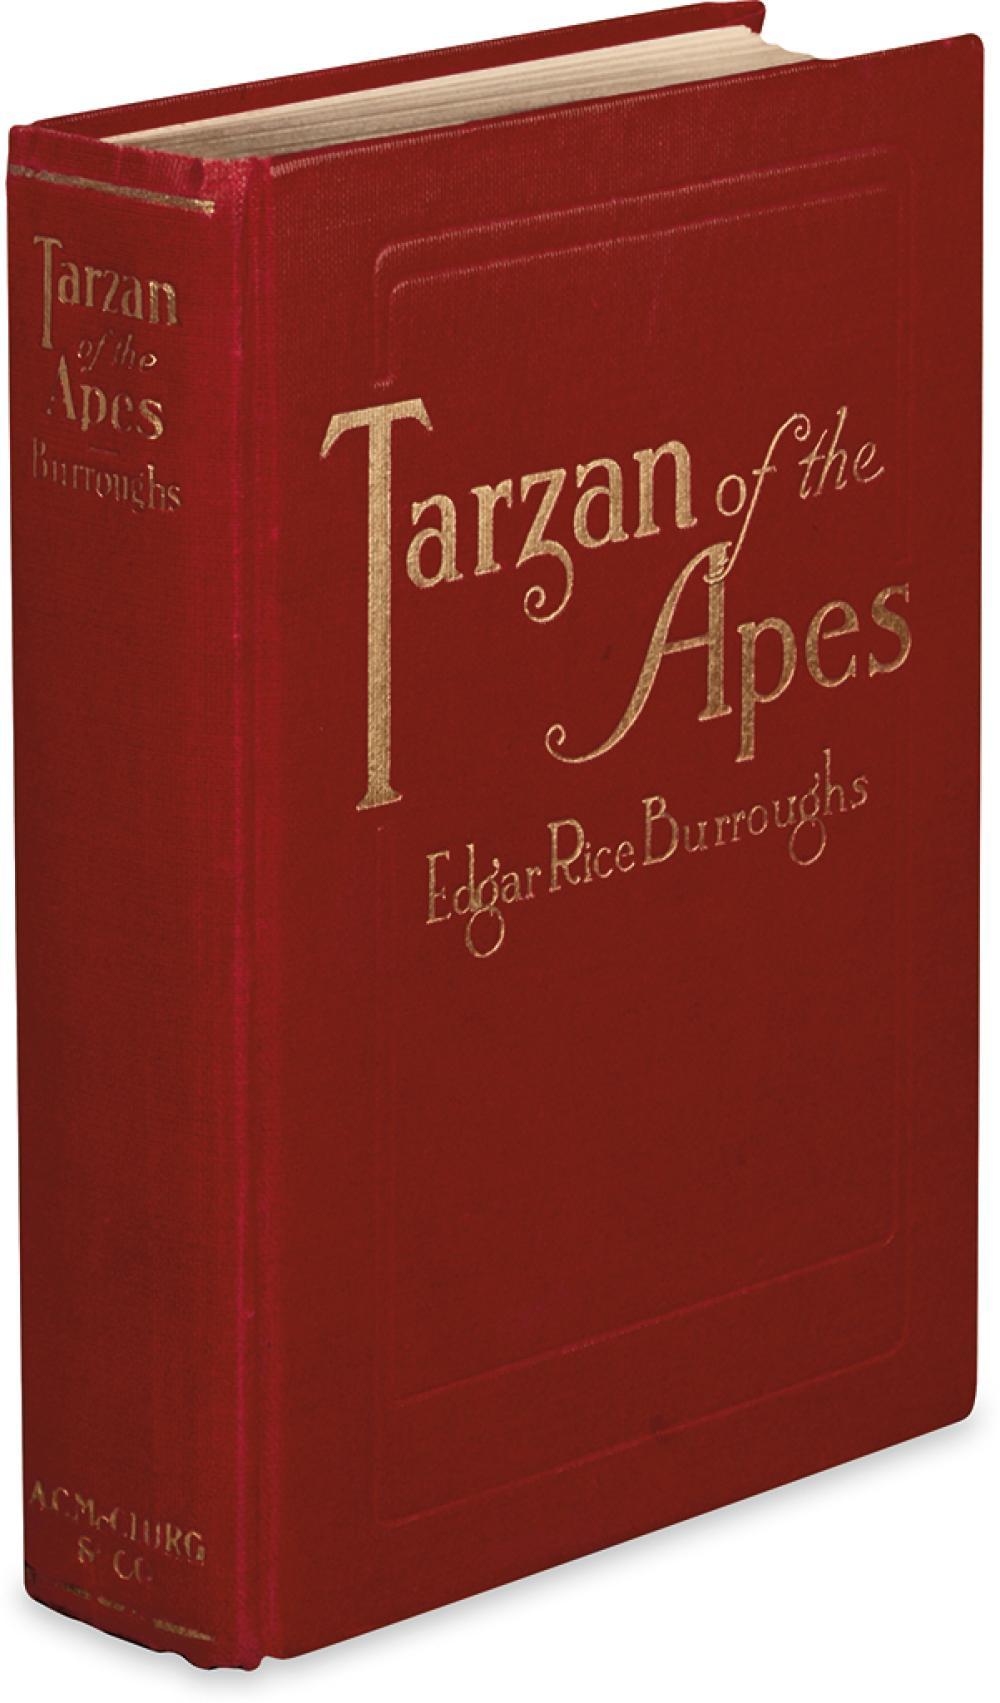 BURROUGHS, EDGAR RICE. Tarzan of the Apes.